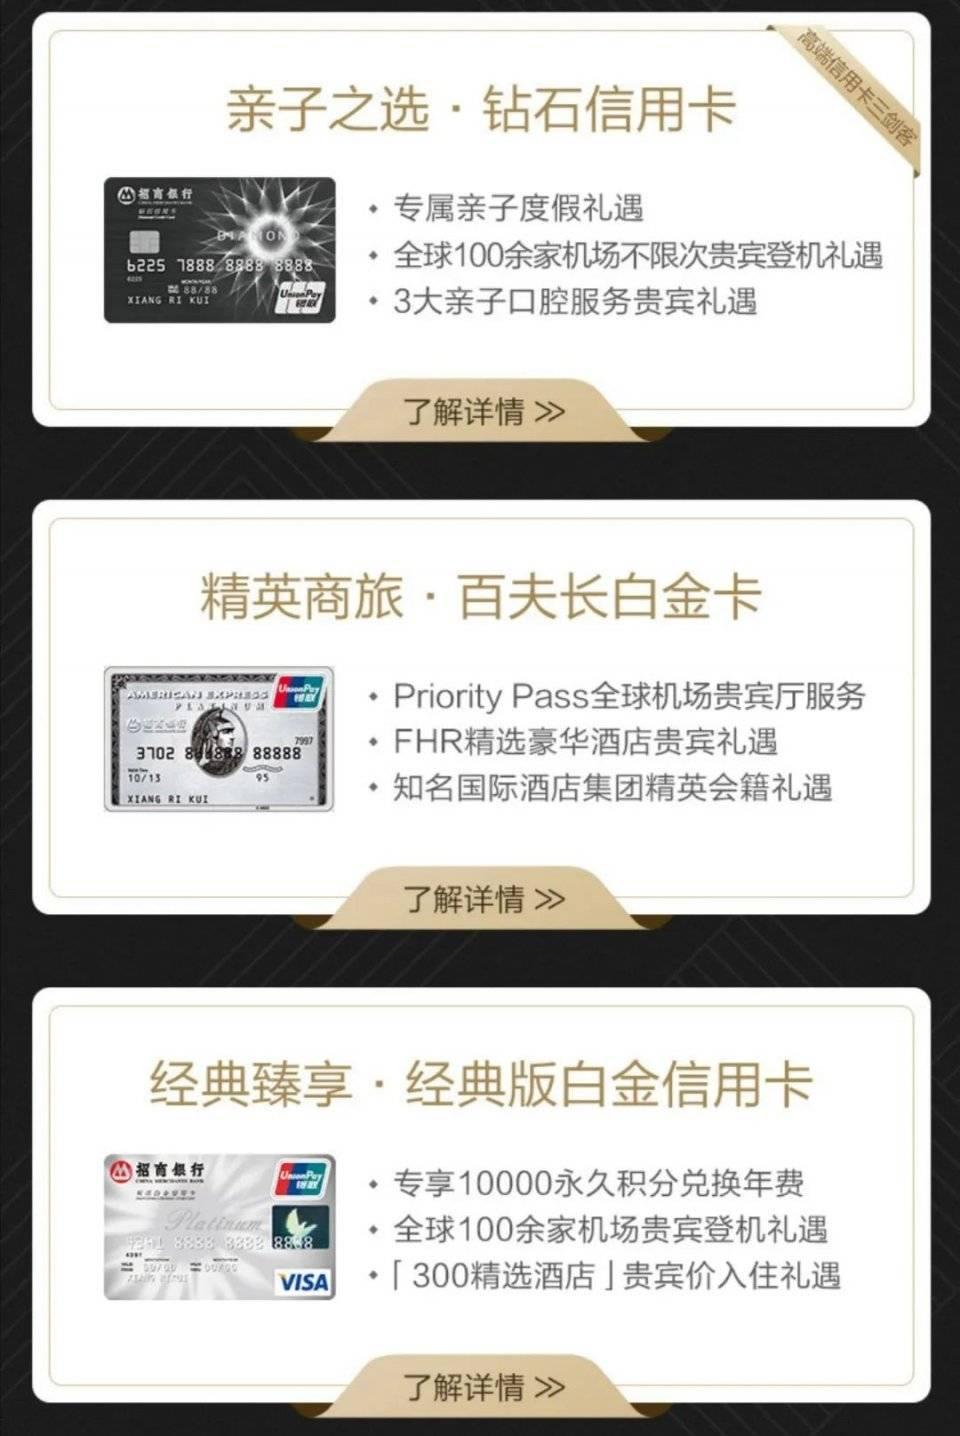 中信银行最容易申请成功的信用卡,是这3张!